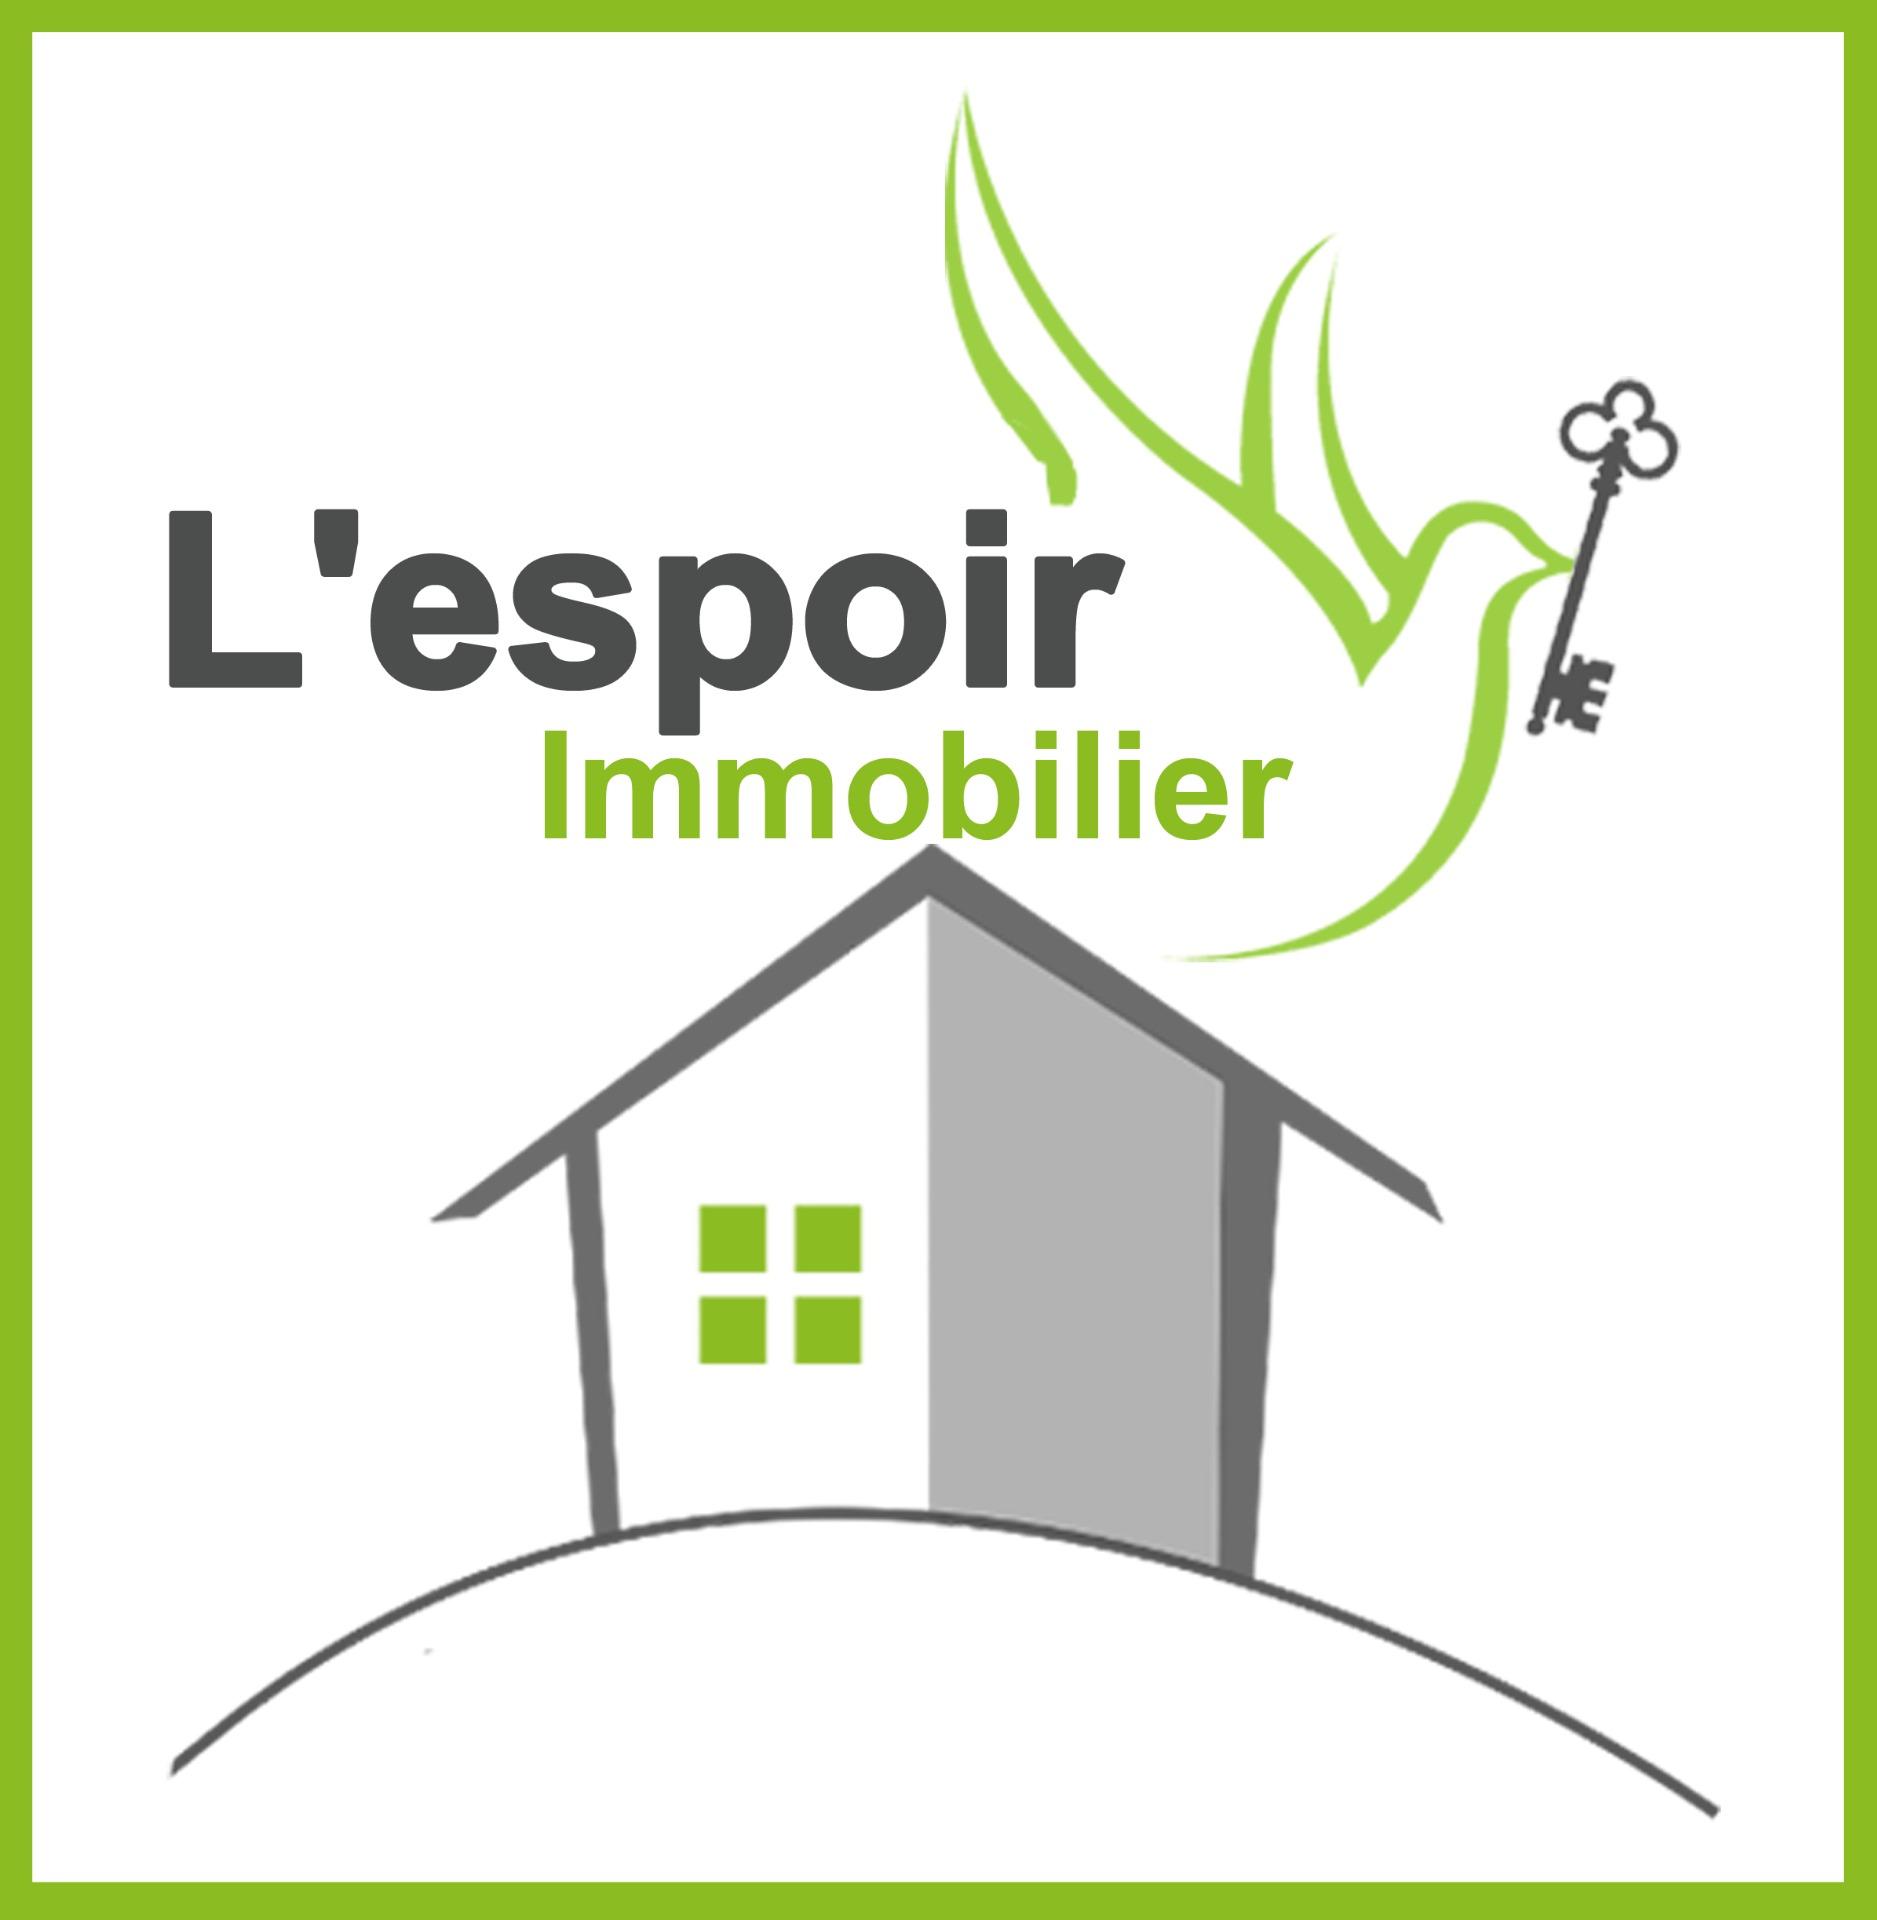 L'espoir Immobilier